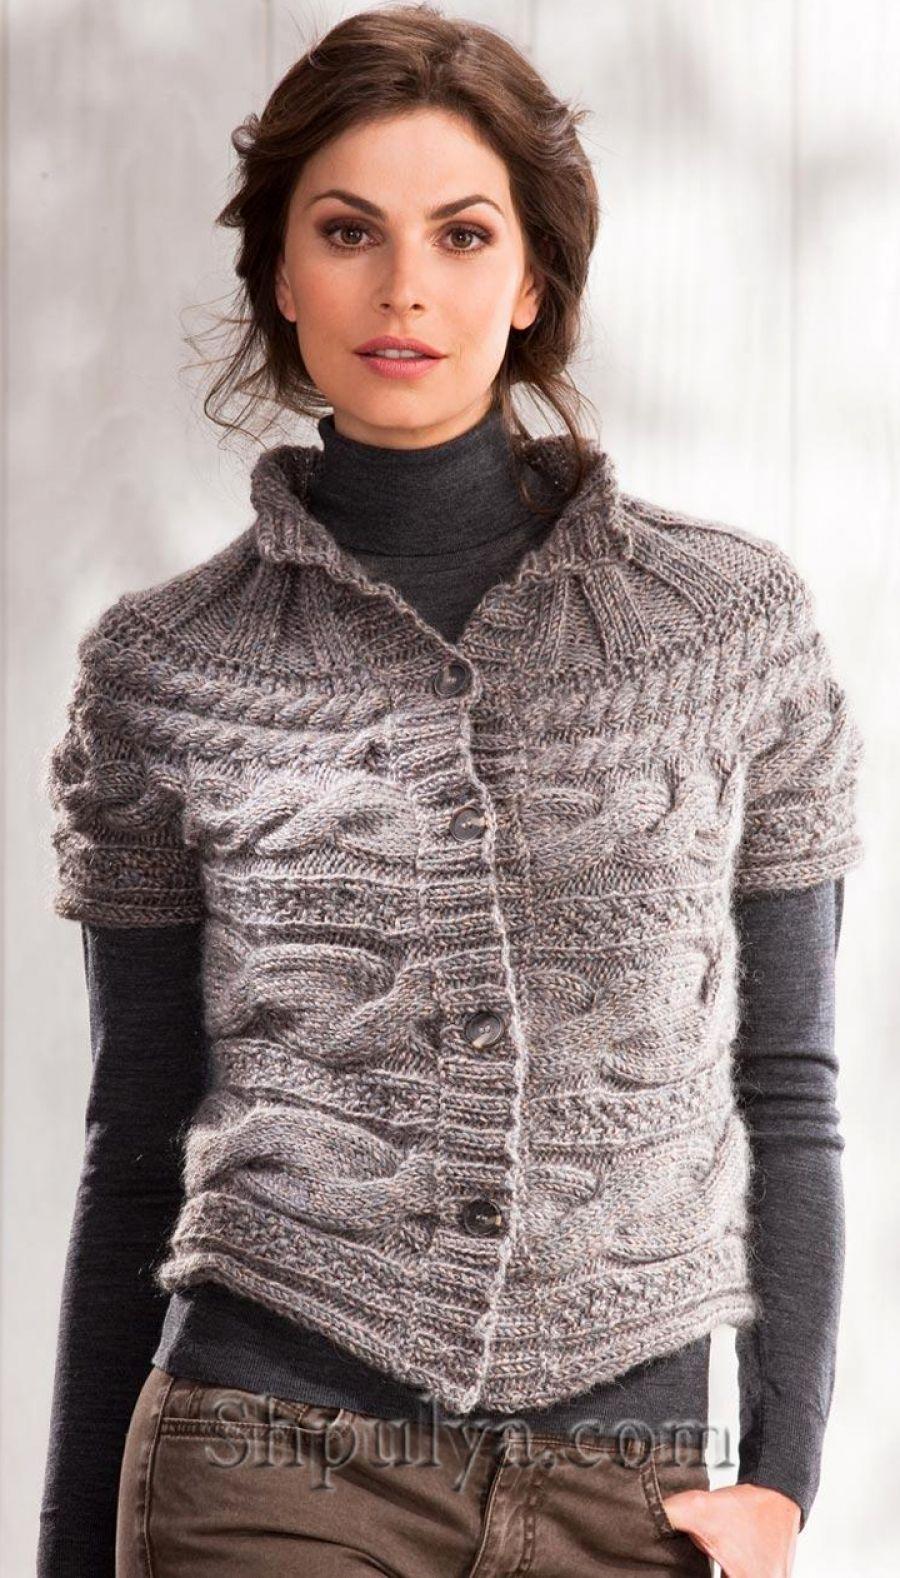 Безрукавка ACHAT | chaquetas, rebecas, blusas de punto y crochet ...